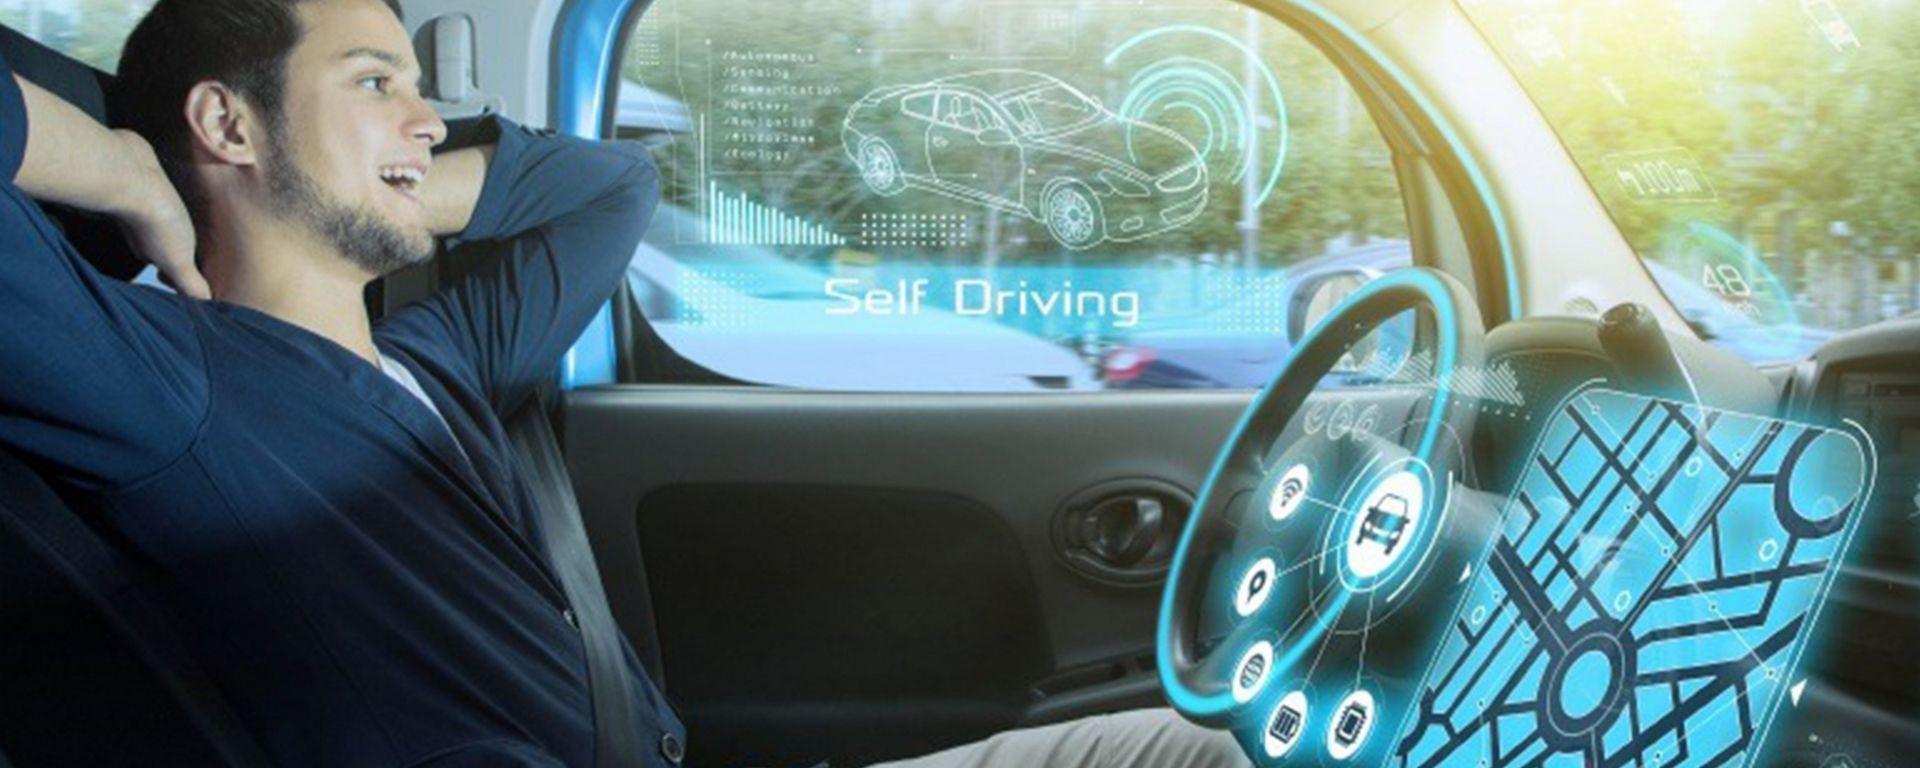 Guida autonoma, questa (ancora) sconosciuta